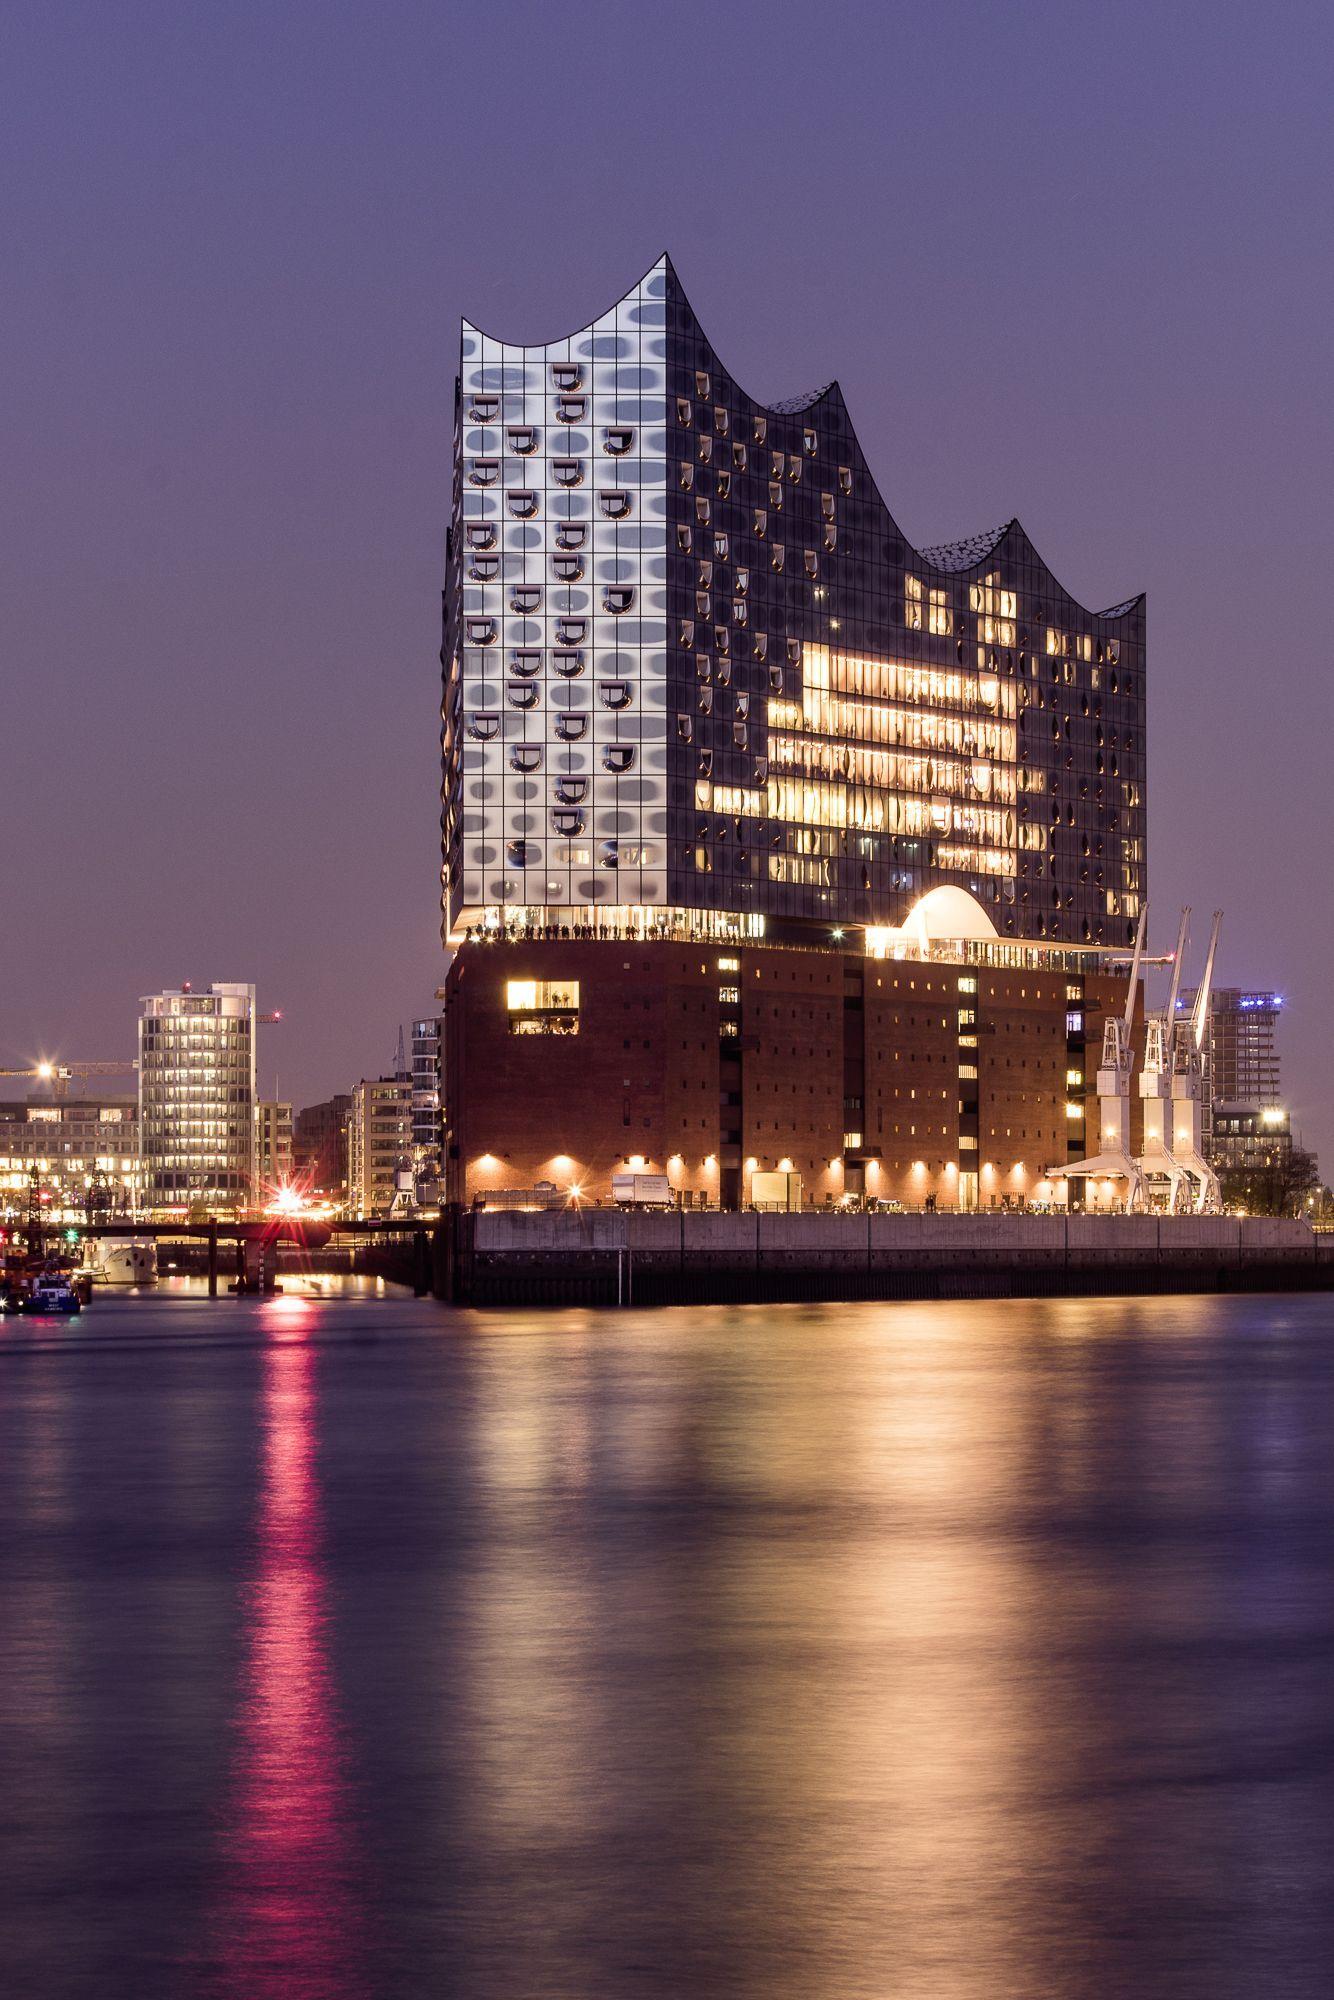 Elbphilharmonie Wwwminimotome Wunderschne Aussicht Hamburg Roller Retro Abend Visit Tour Auf Die Amphilharm Hamburg Beautiful Views Beauty Scenery